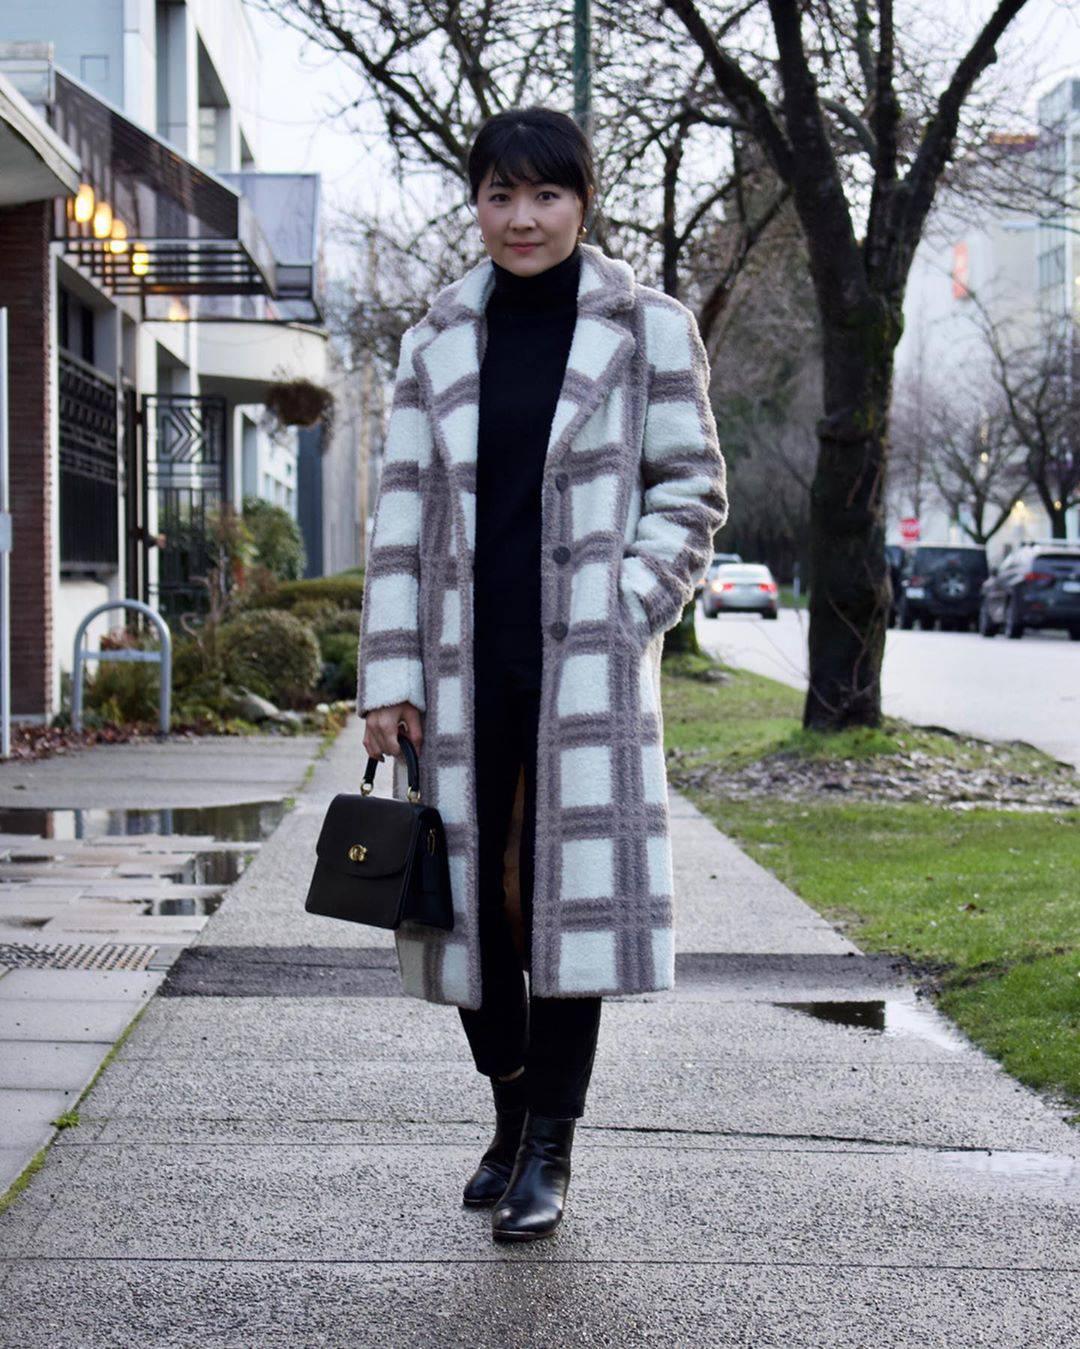 最高気温7度・最低気温2度 i.styleclosetの服装